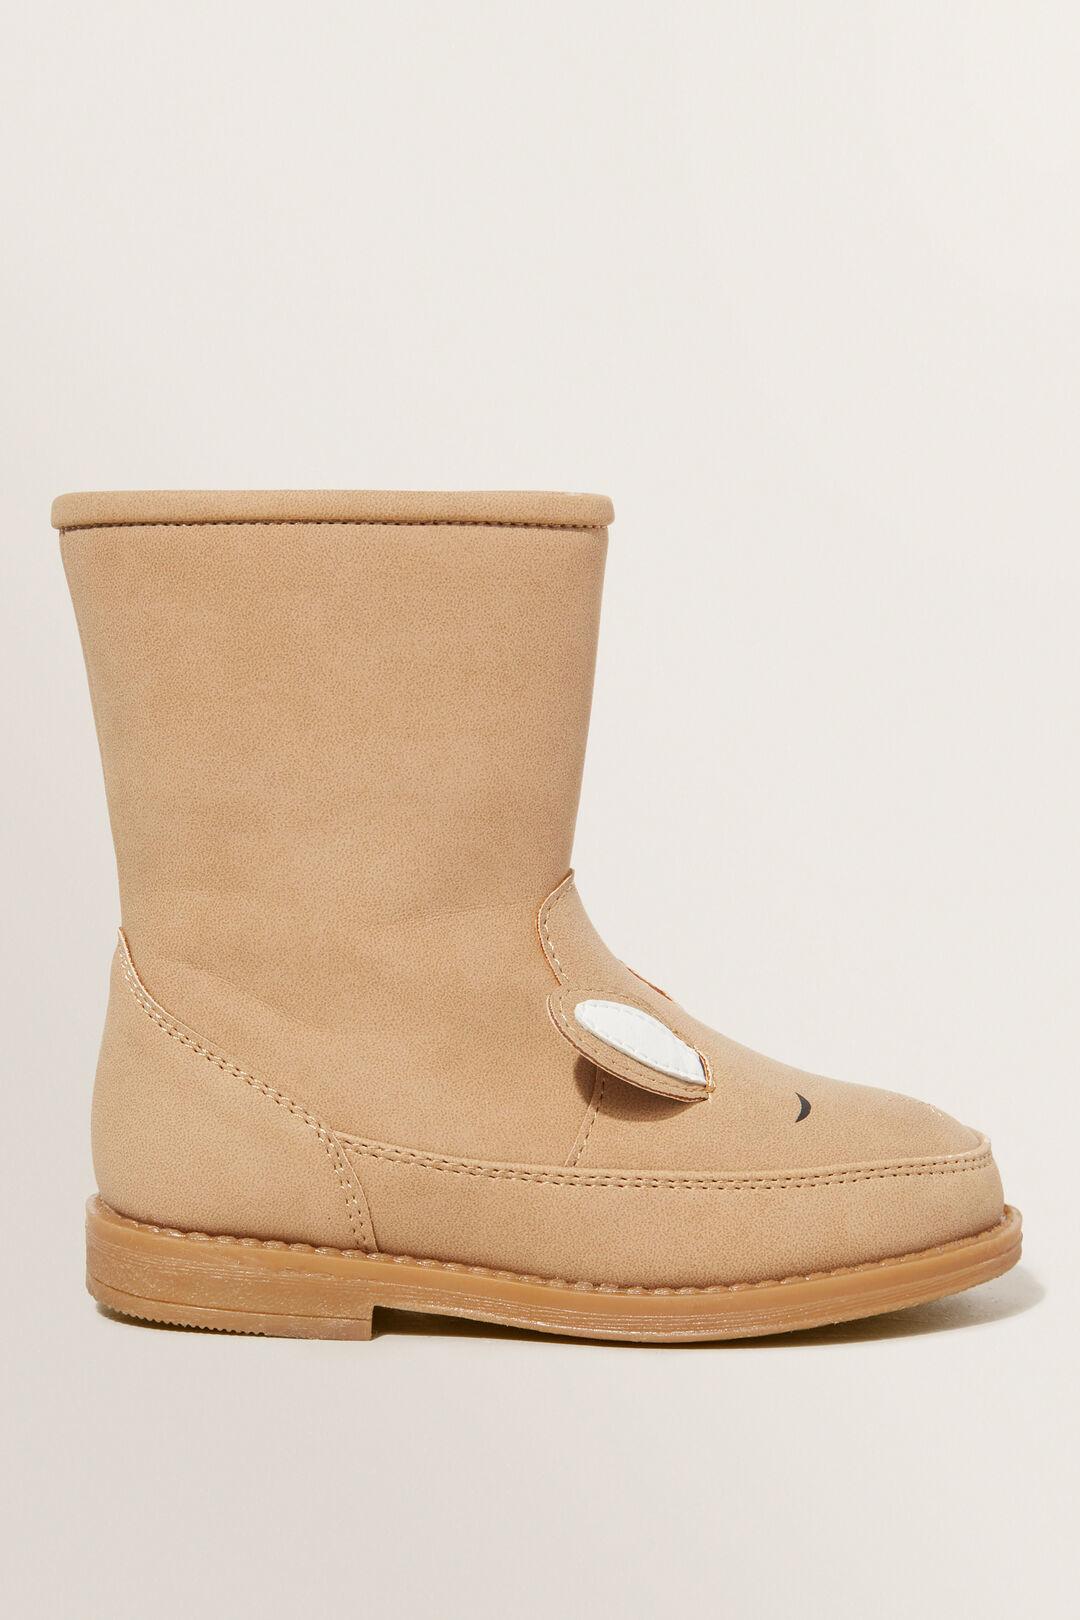 Bunny Boot  TAN  hi-res